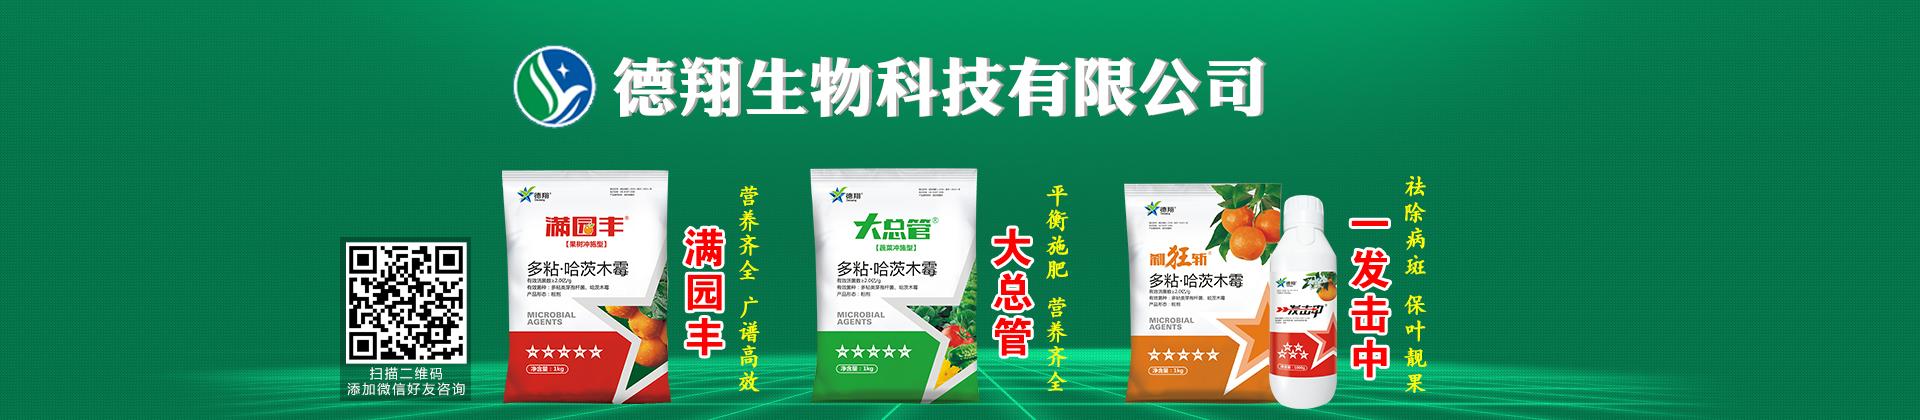 上海德翔生物科技发展有限公司